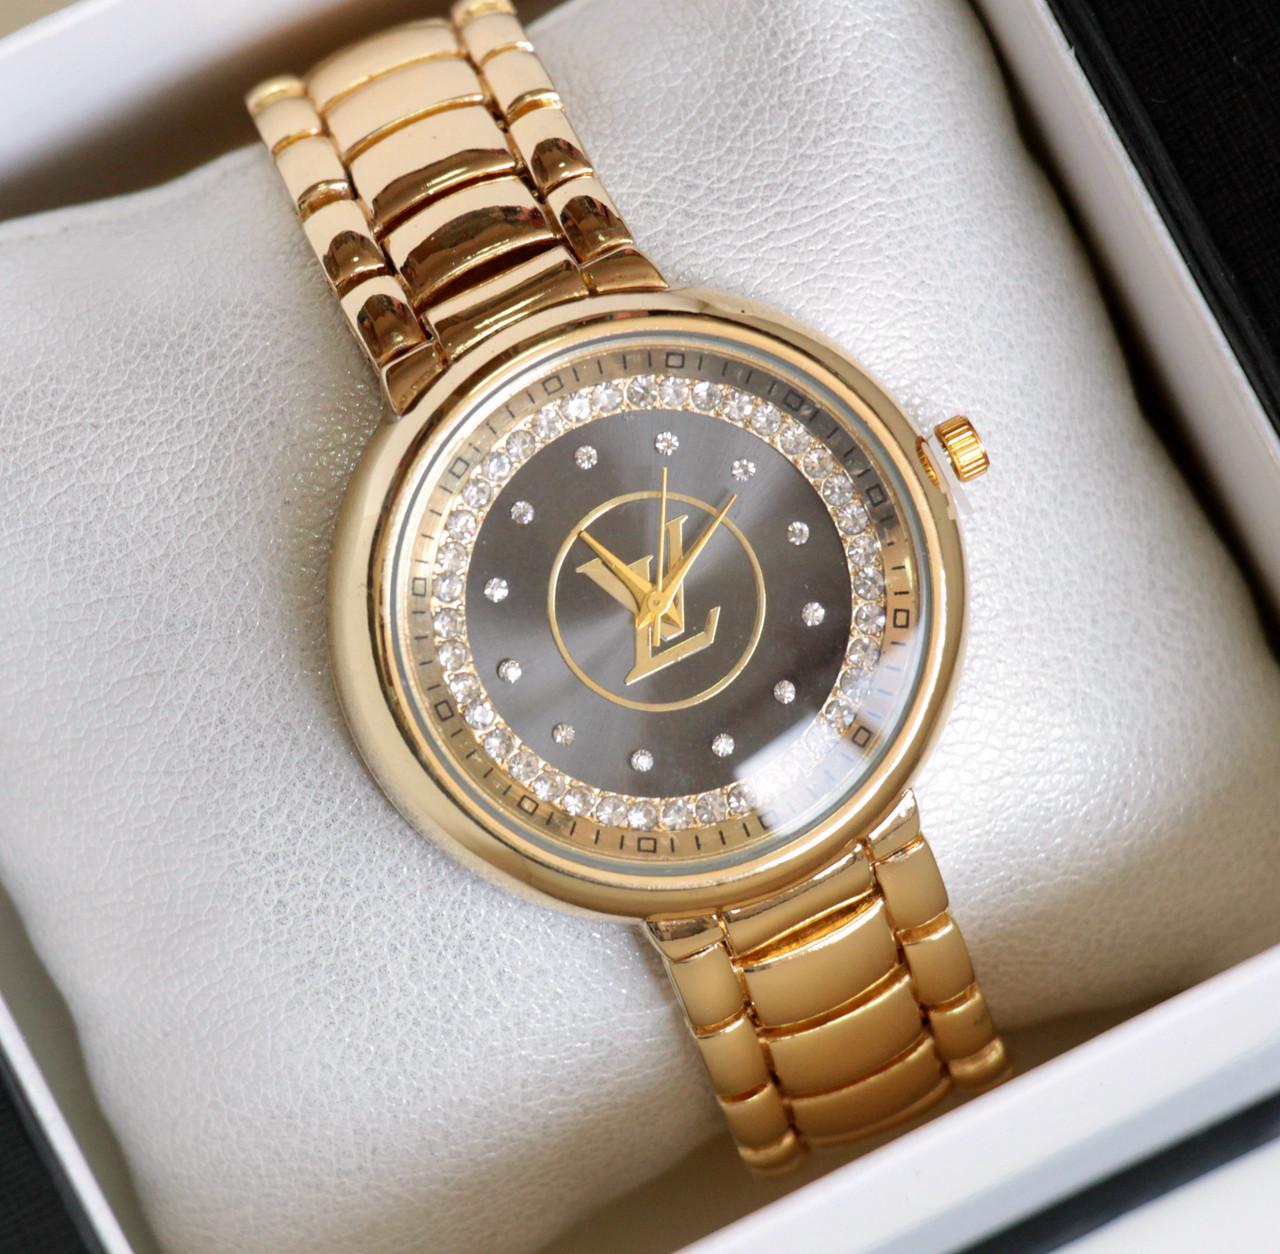 Магазин золотой наручные часы купить часы золотые харьков